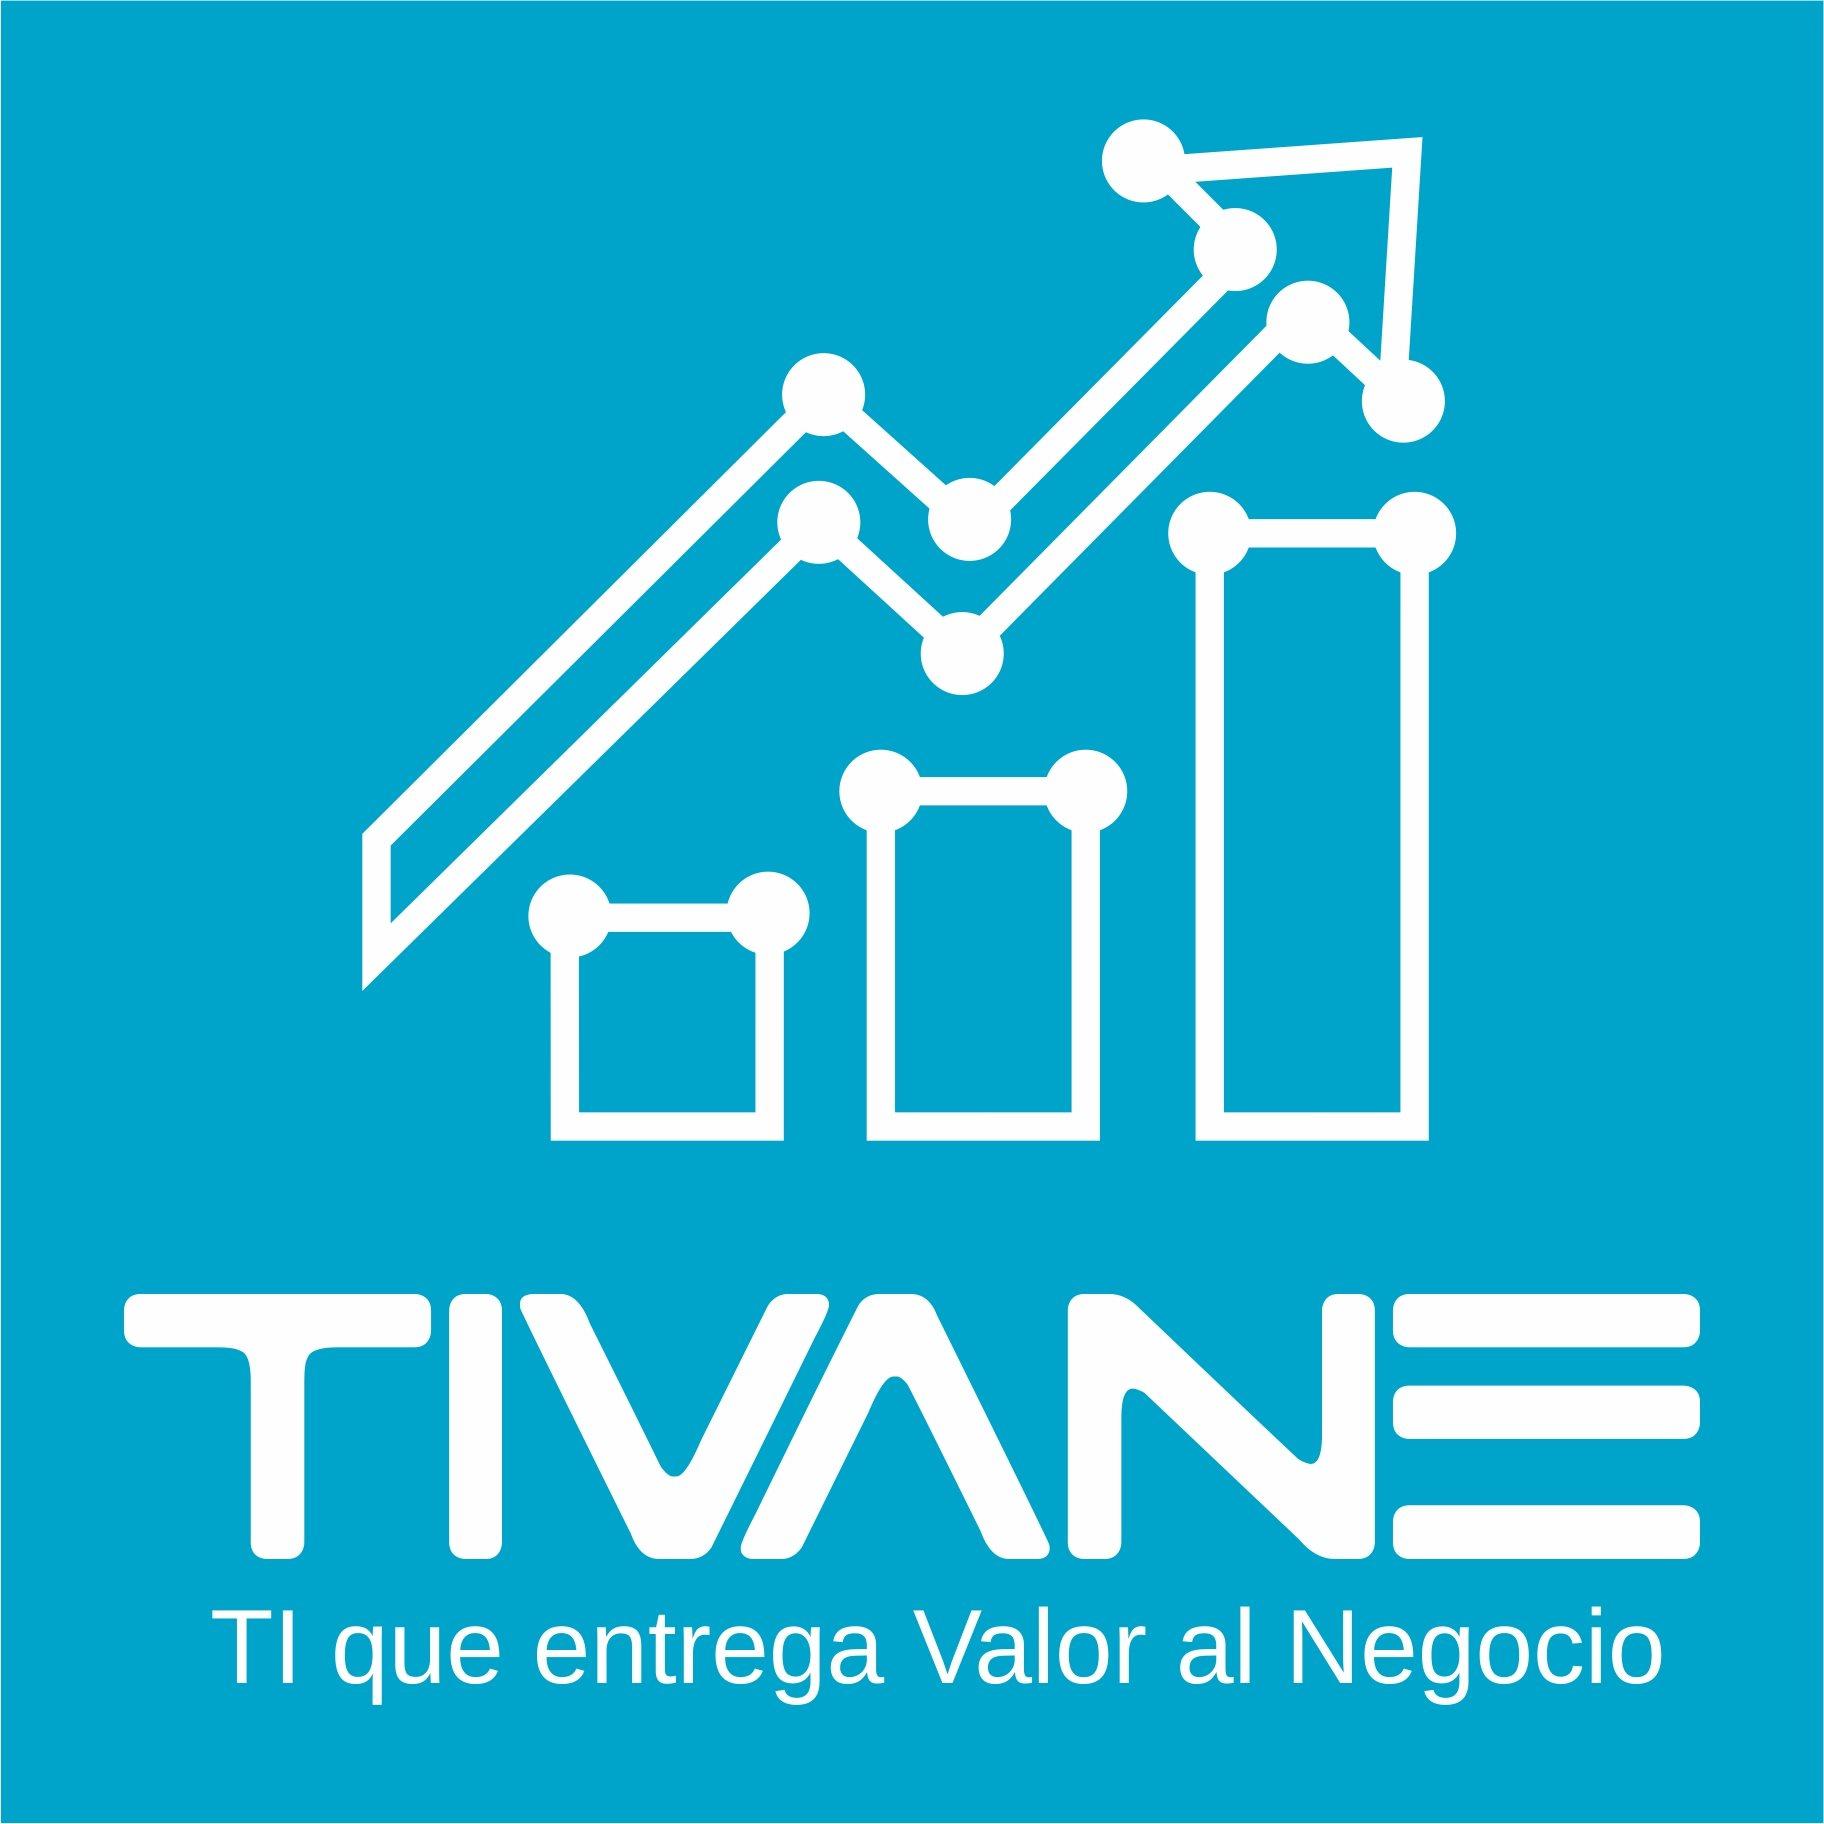 TIVANE